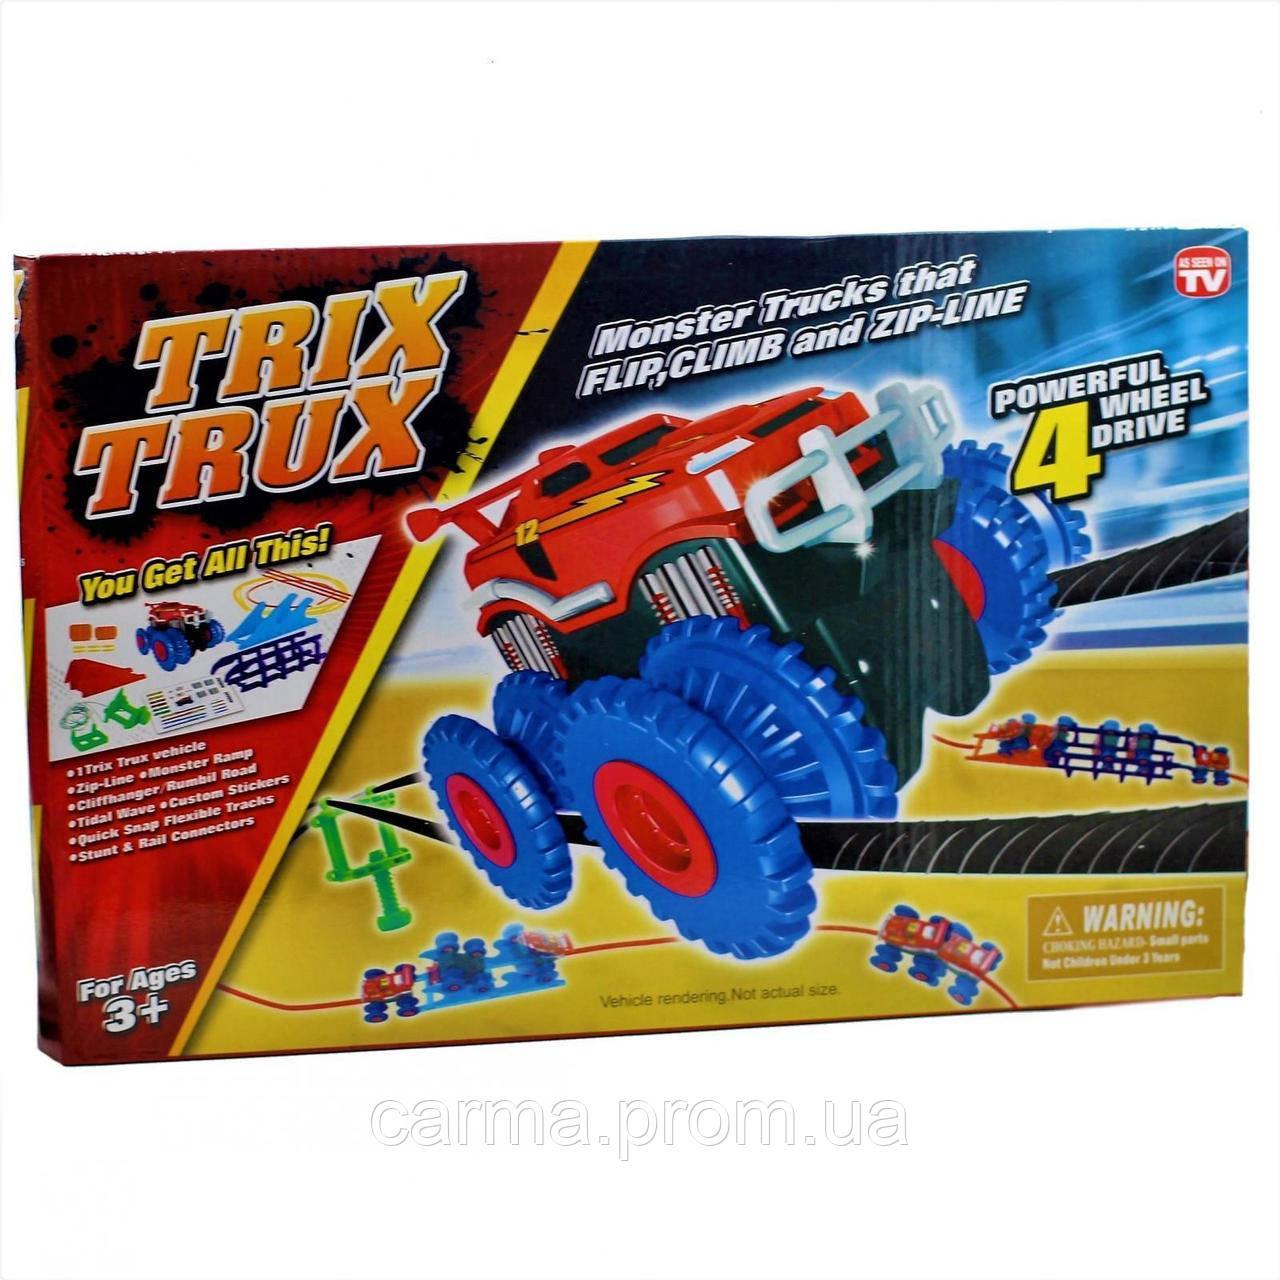 Игровой набор Trix Trux Monster Truk Канатный трек Монстер Трак 1 машинка голубая